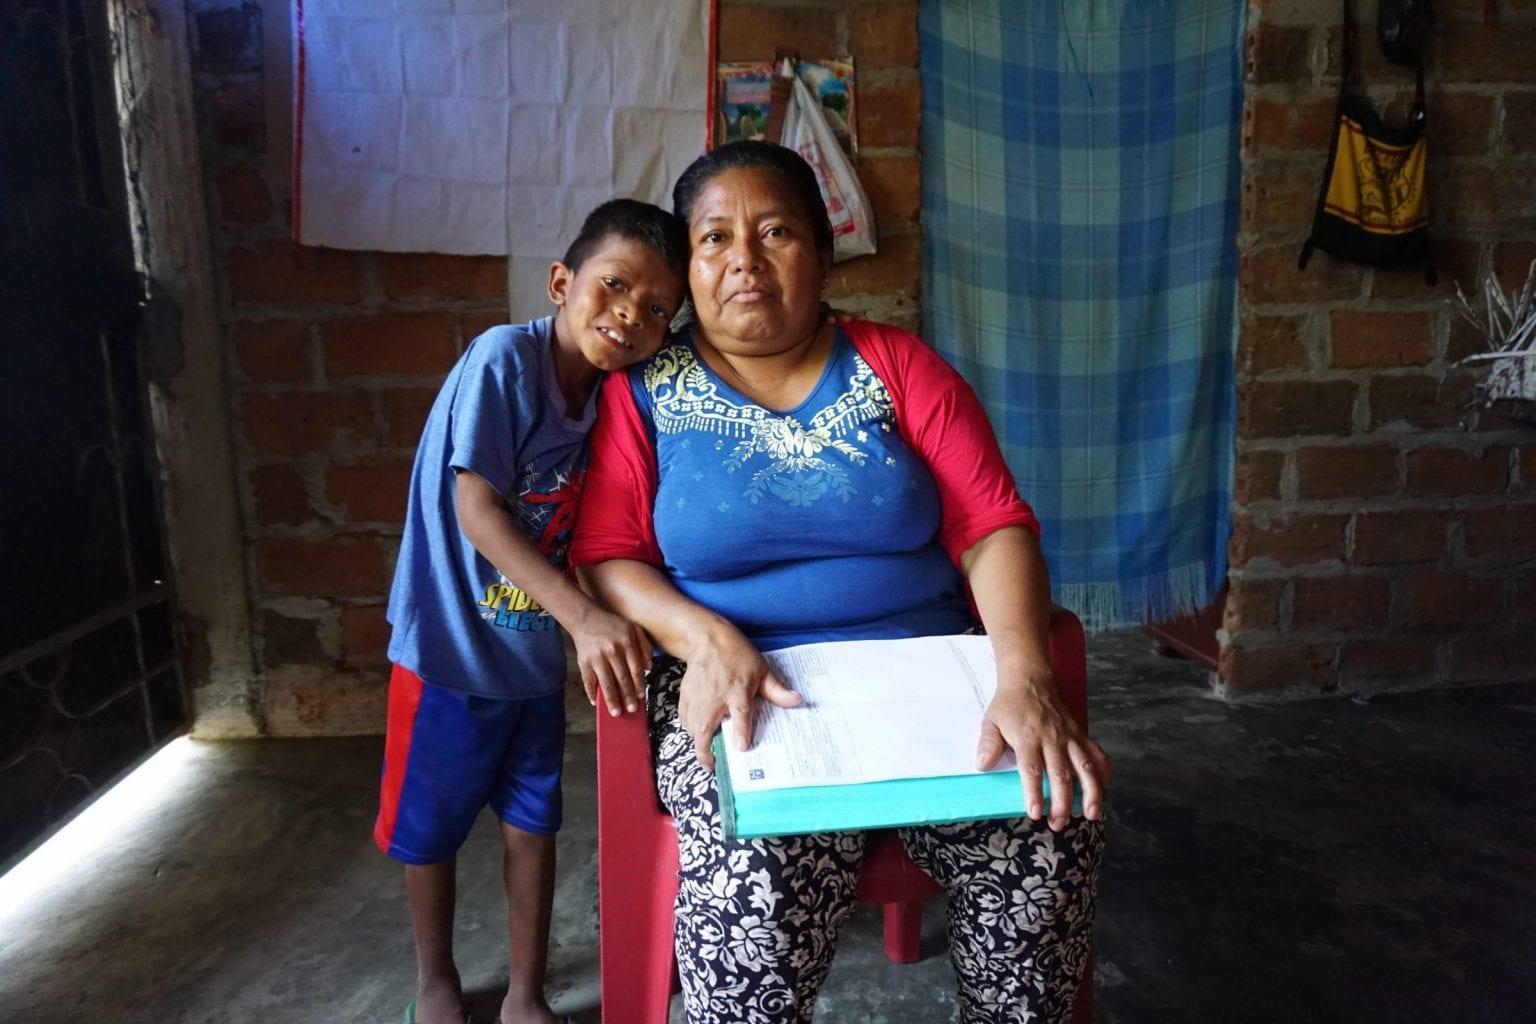 Sara med sin søn Brandon. Hun ønsker, at han får en uddannelse, så han kan komme væk fra bananplantagerne.